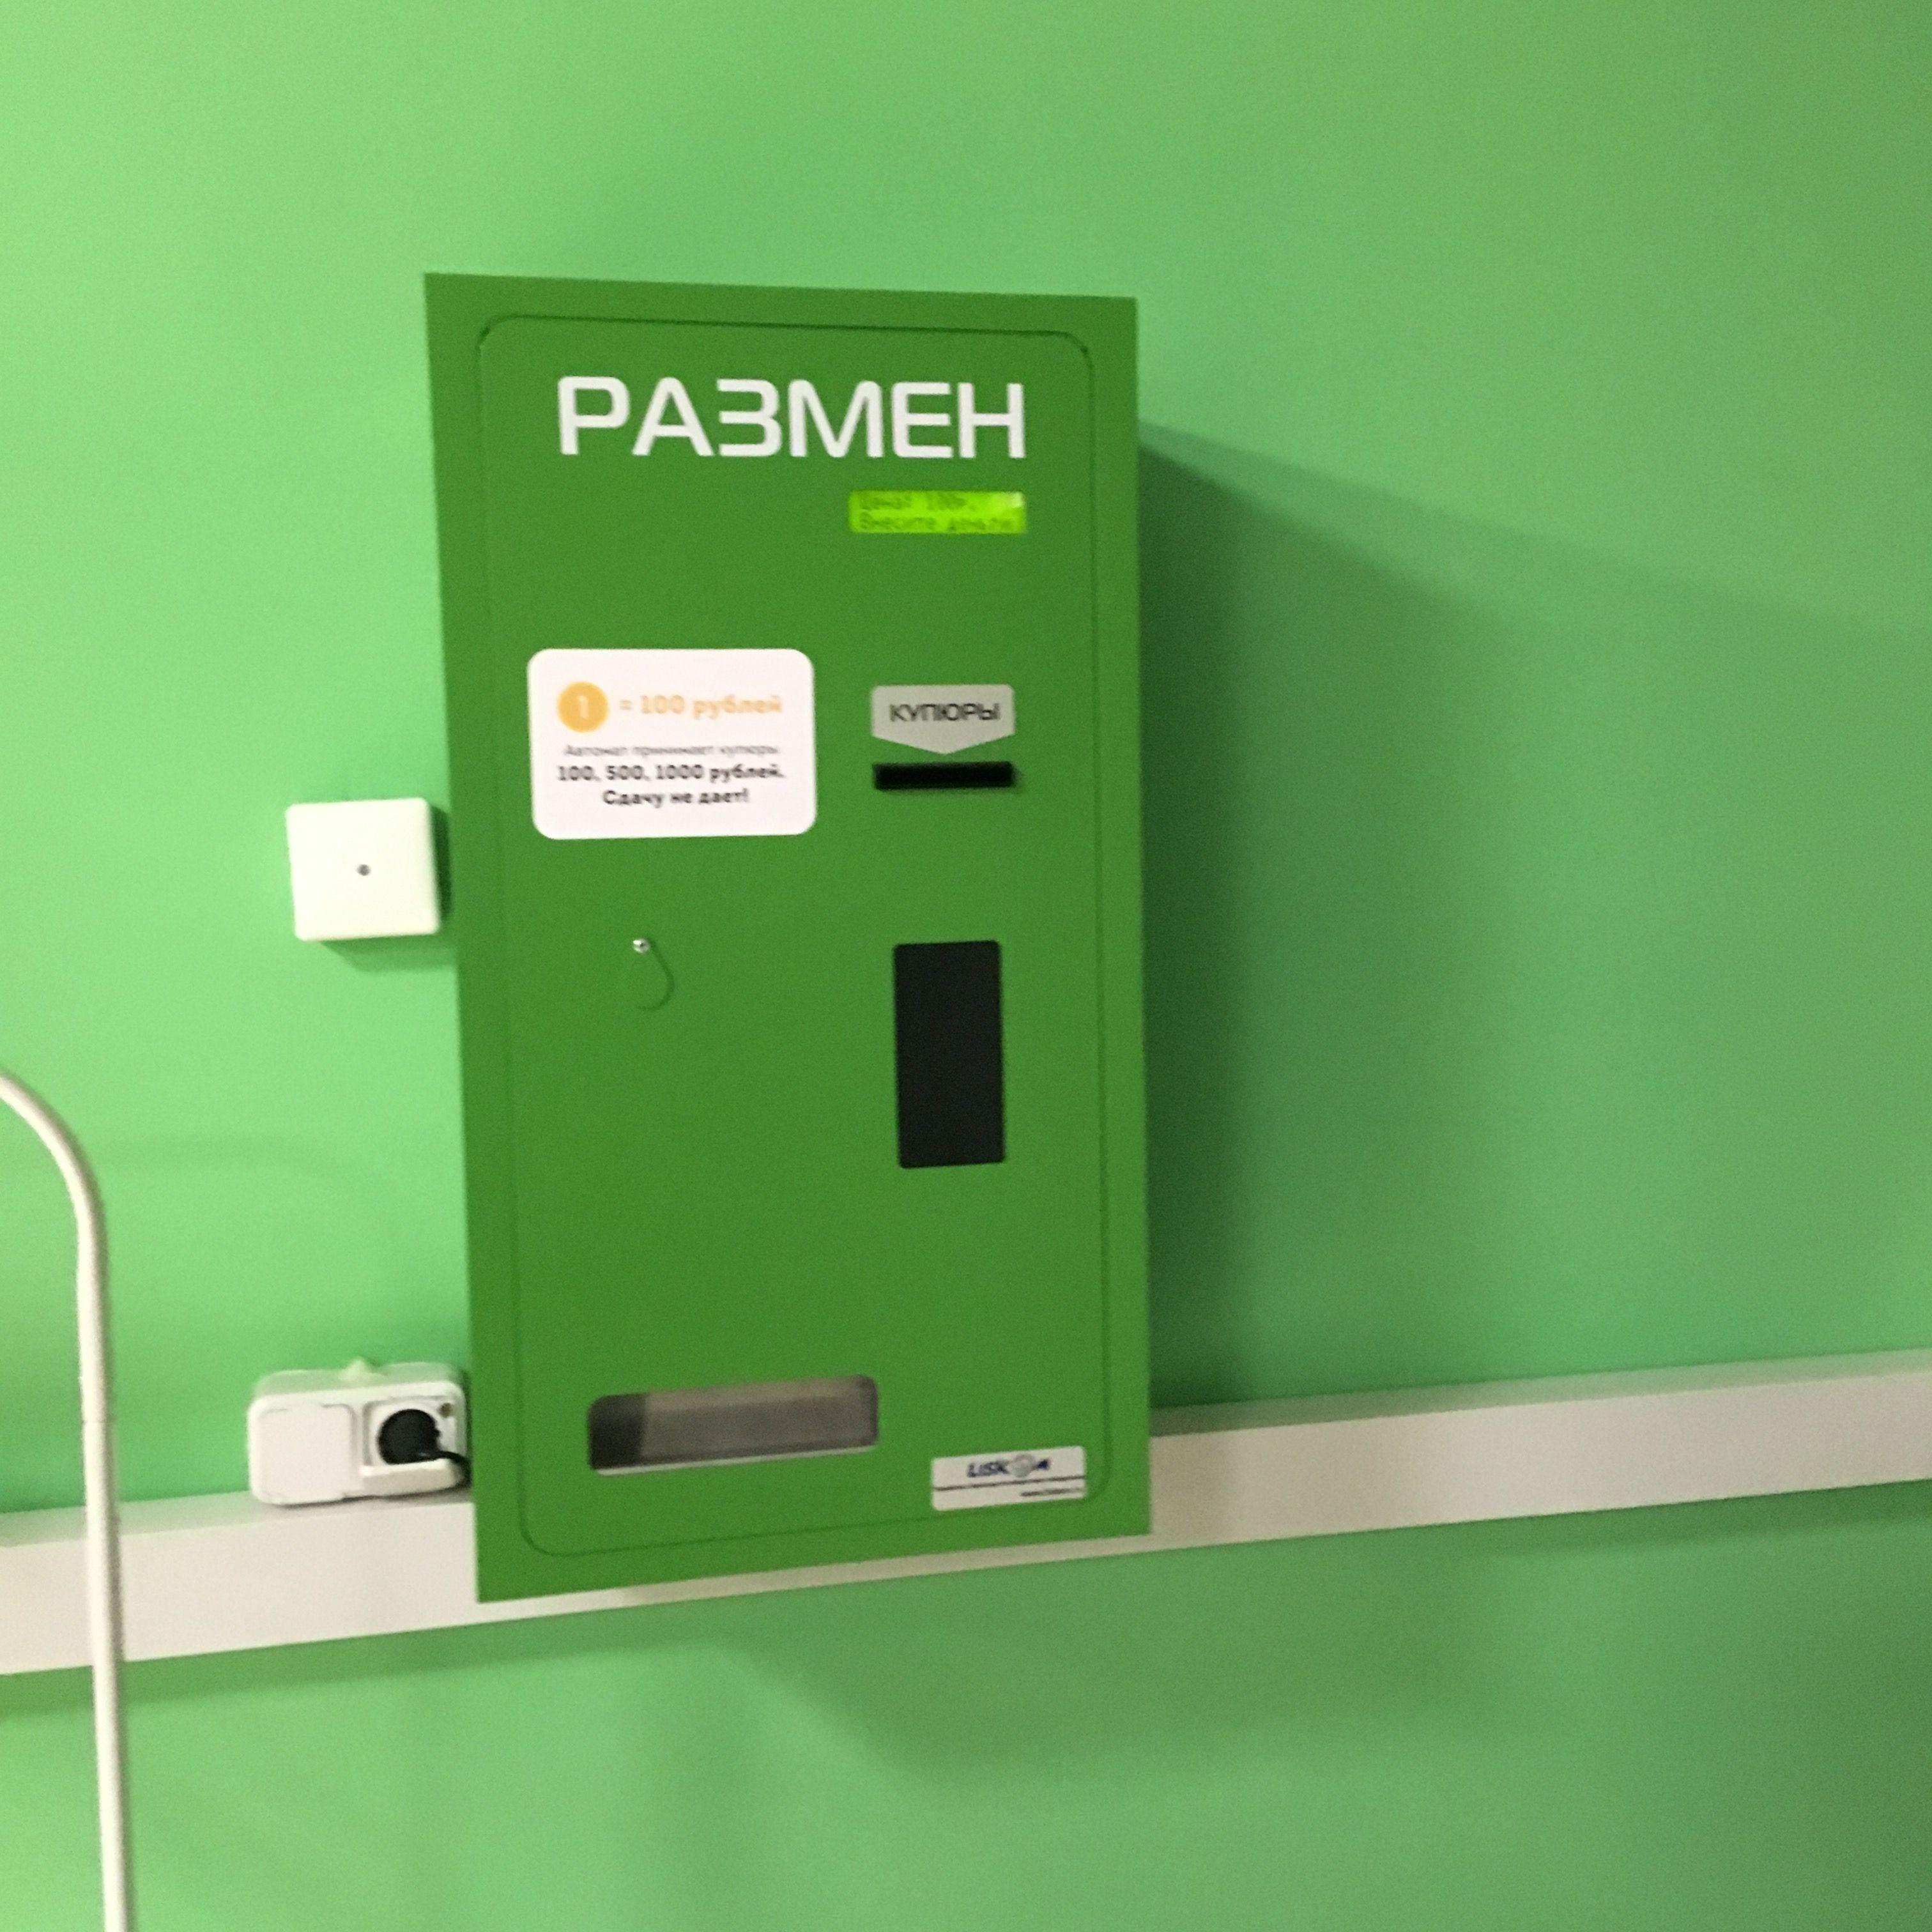 Автомат выдачи жетонов. Фото: Vladimir Shveda